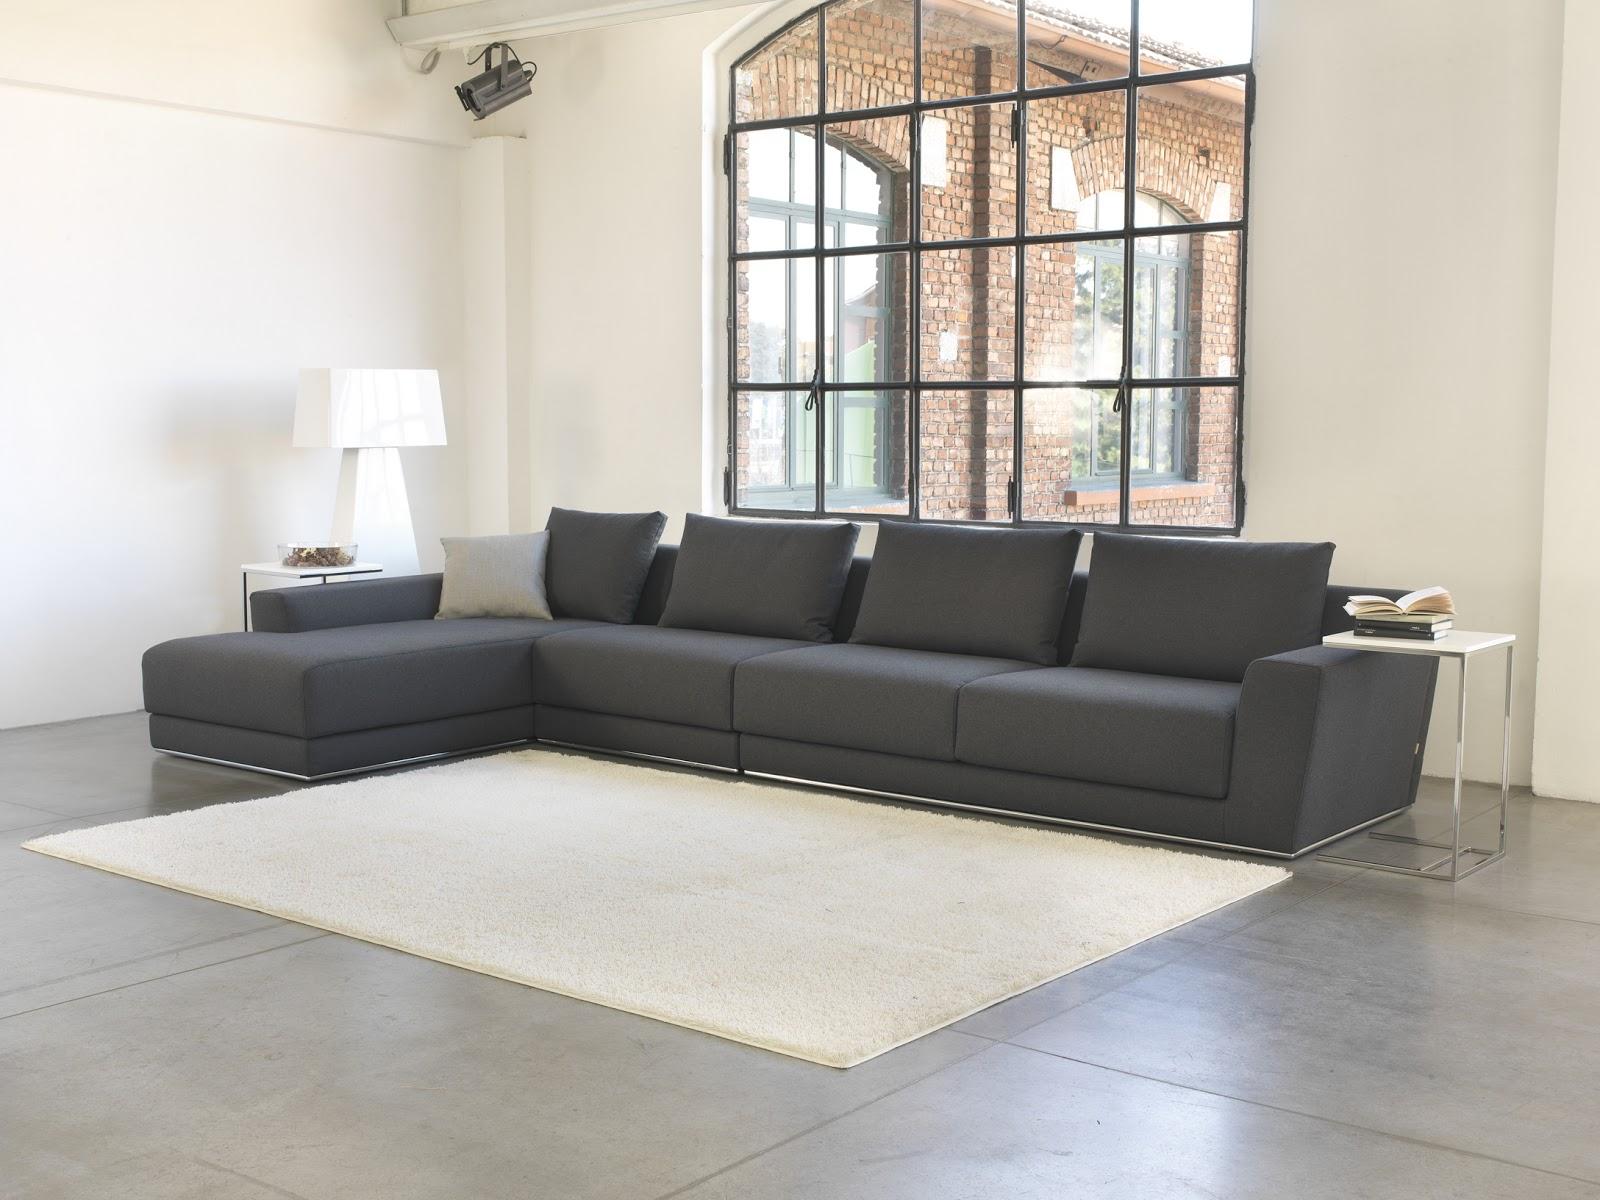 Divani e divani letto su misura produzione e vendita for Divani in vendita